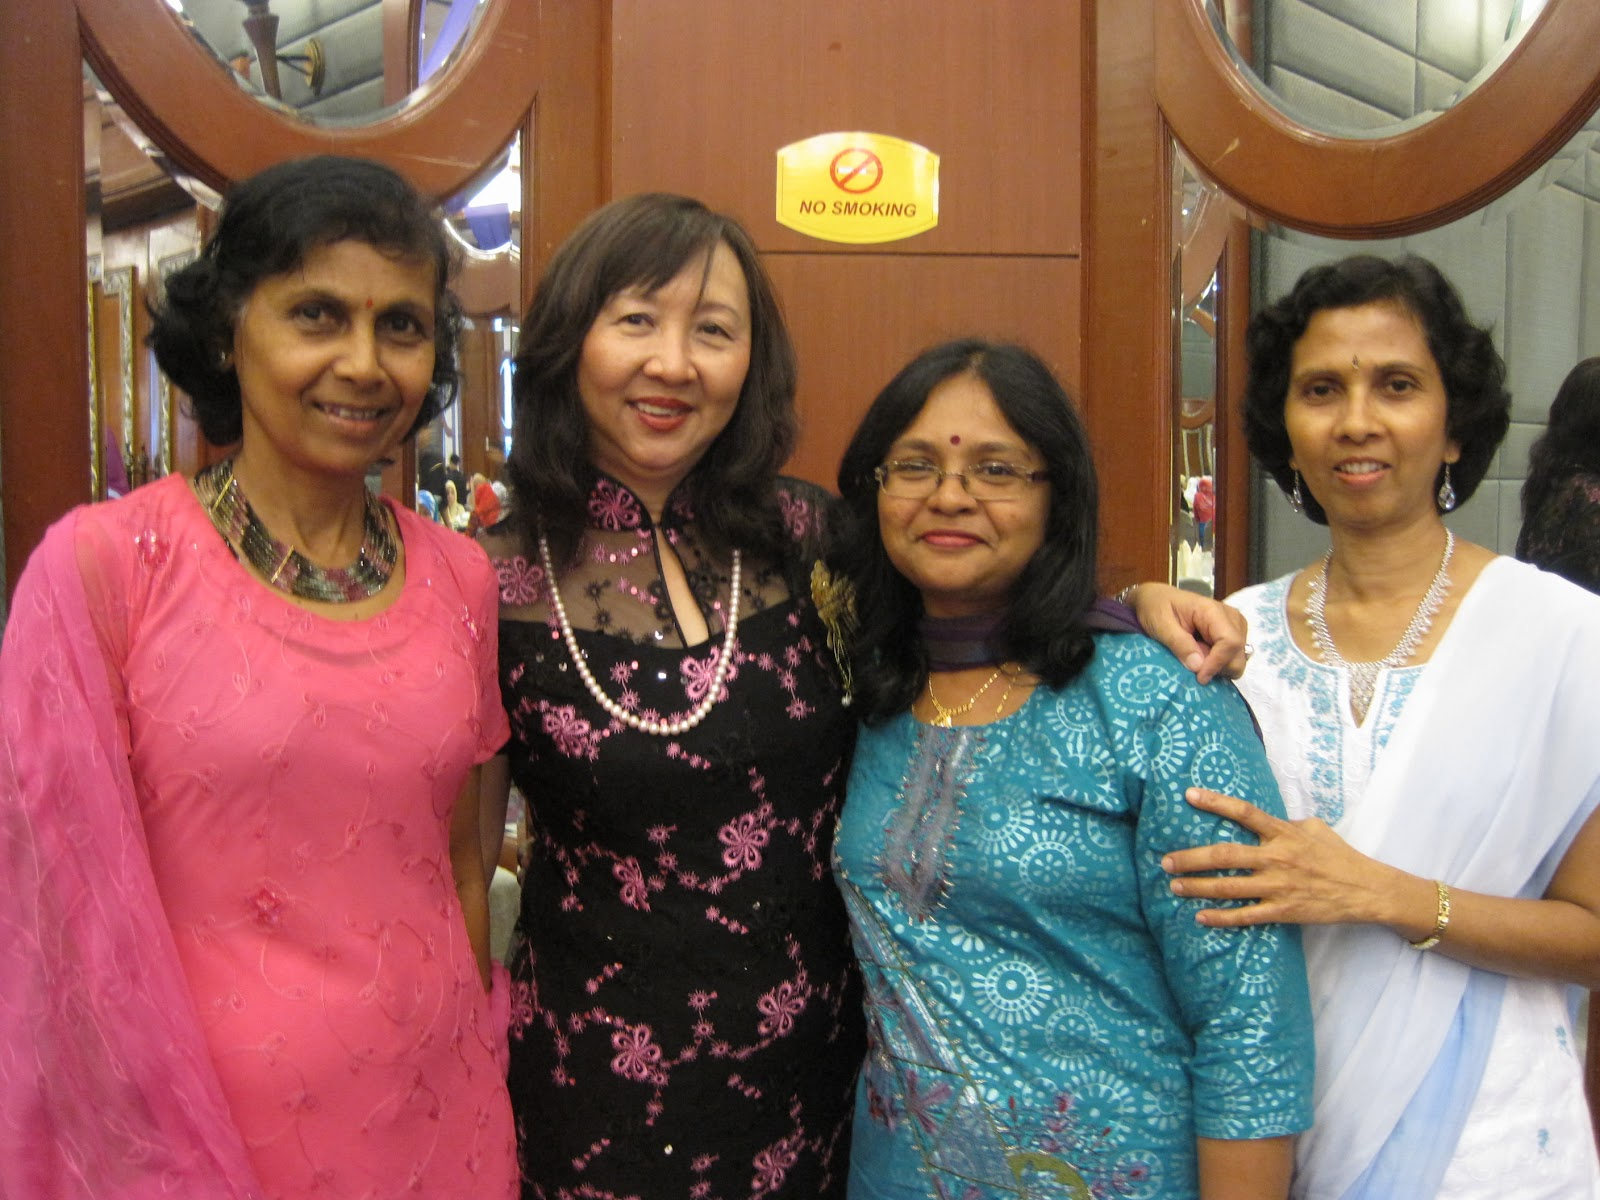 Gambar kenangan Pn Pengetua bersama dengan cikgu-cikgu yang cantik dan